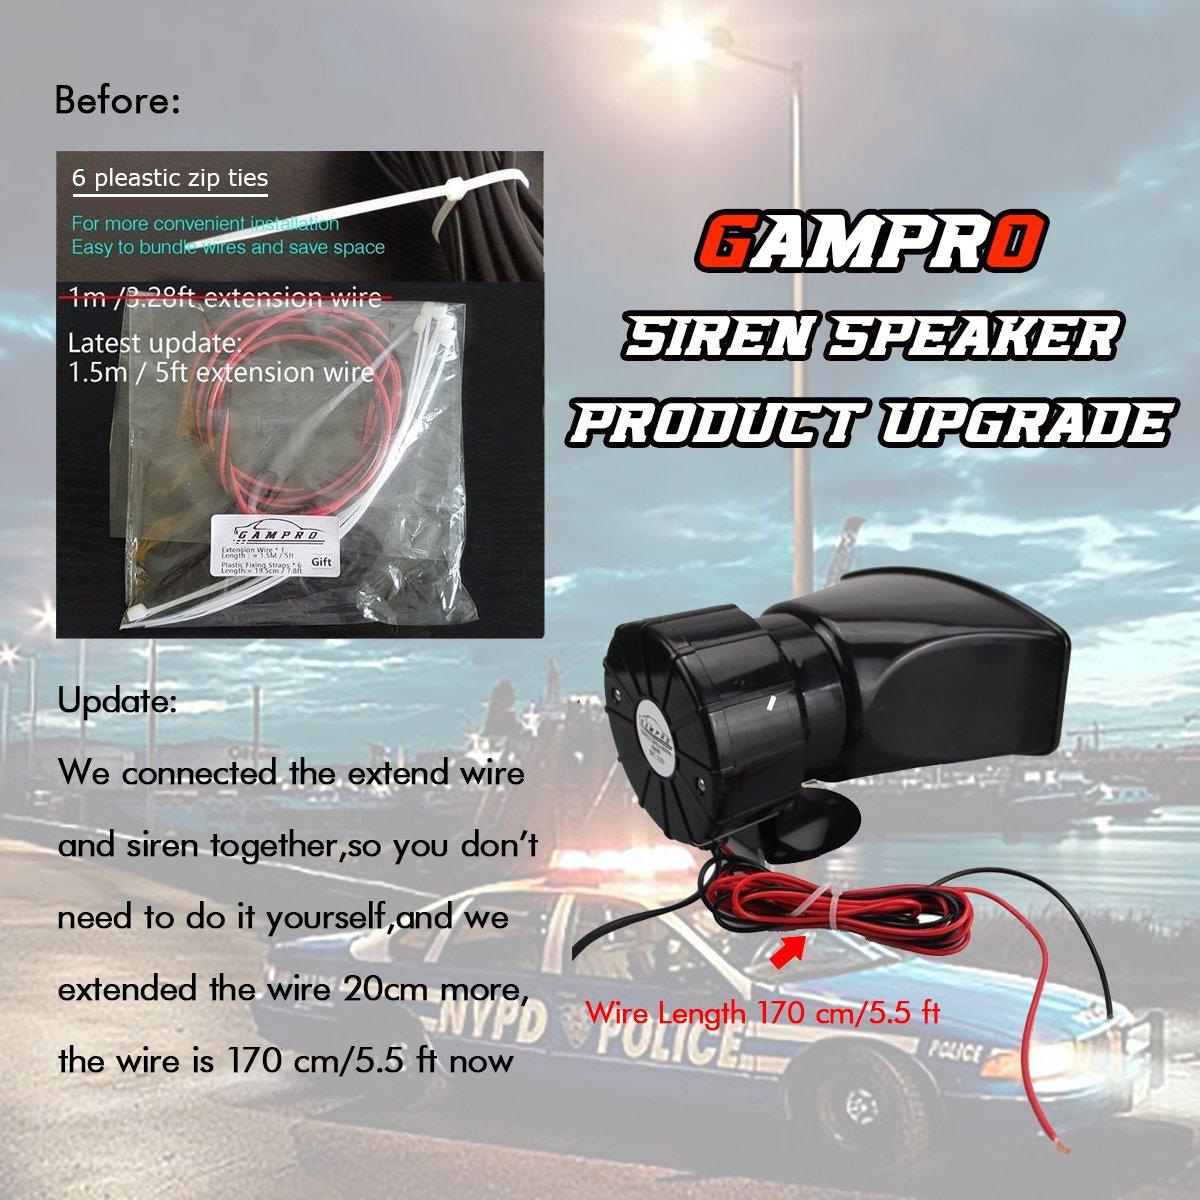 71frFWrCs5L._SL1200_ amazon com gampro car recording siren speaker, 12v 80w 3 tones car